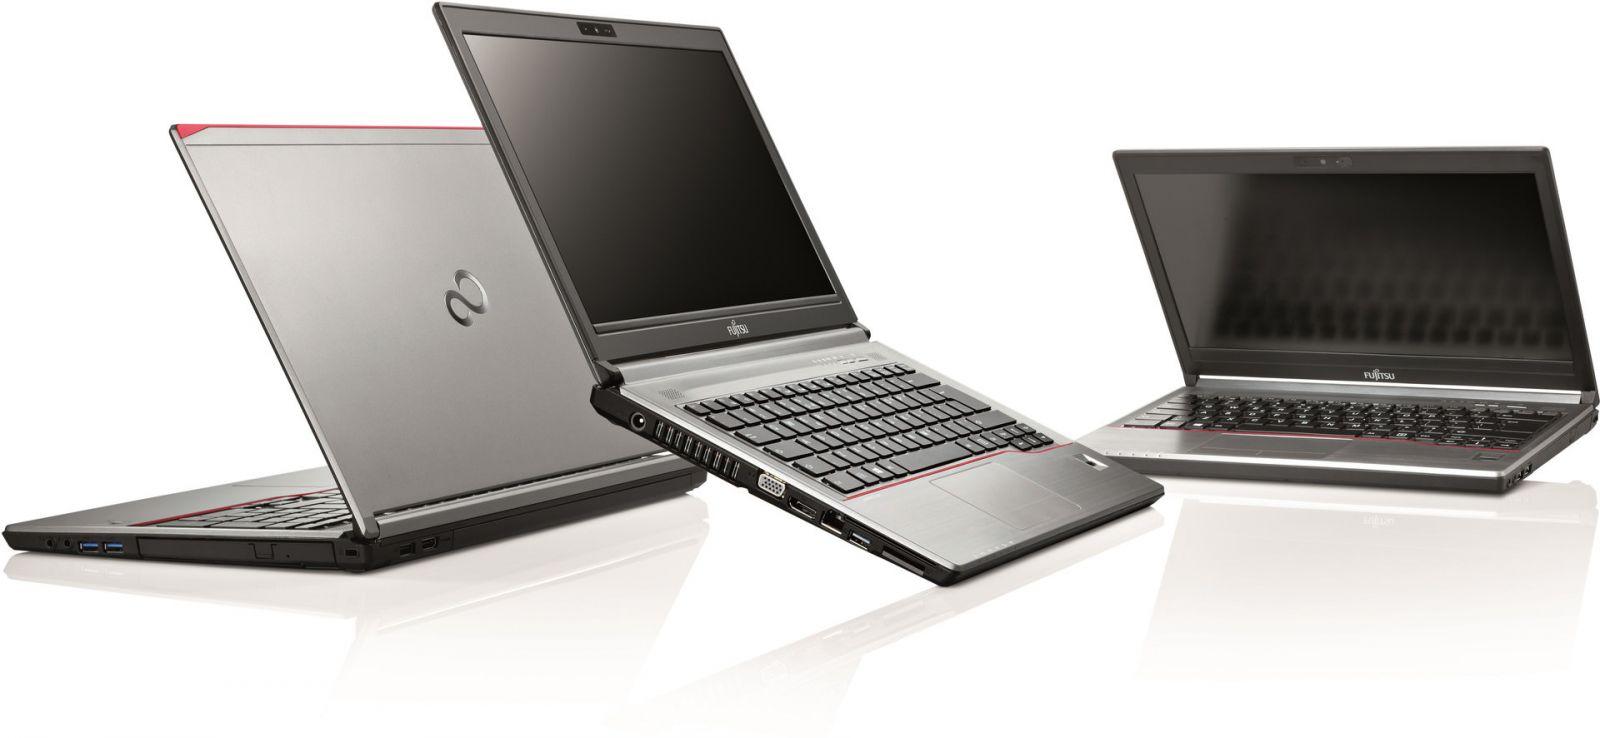 Hiệu năng Fujitsu Lifebook E754mạnh mẽ